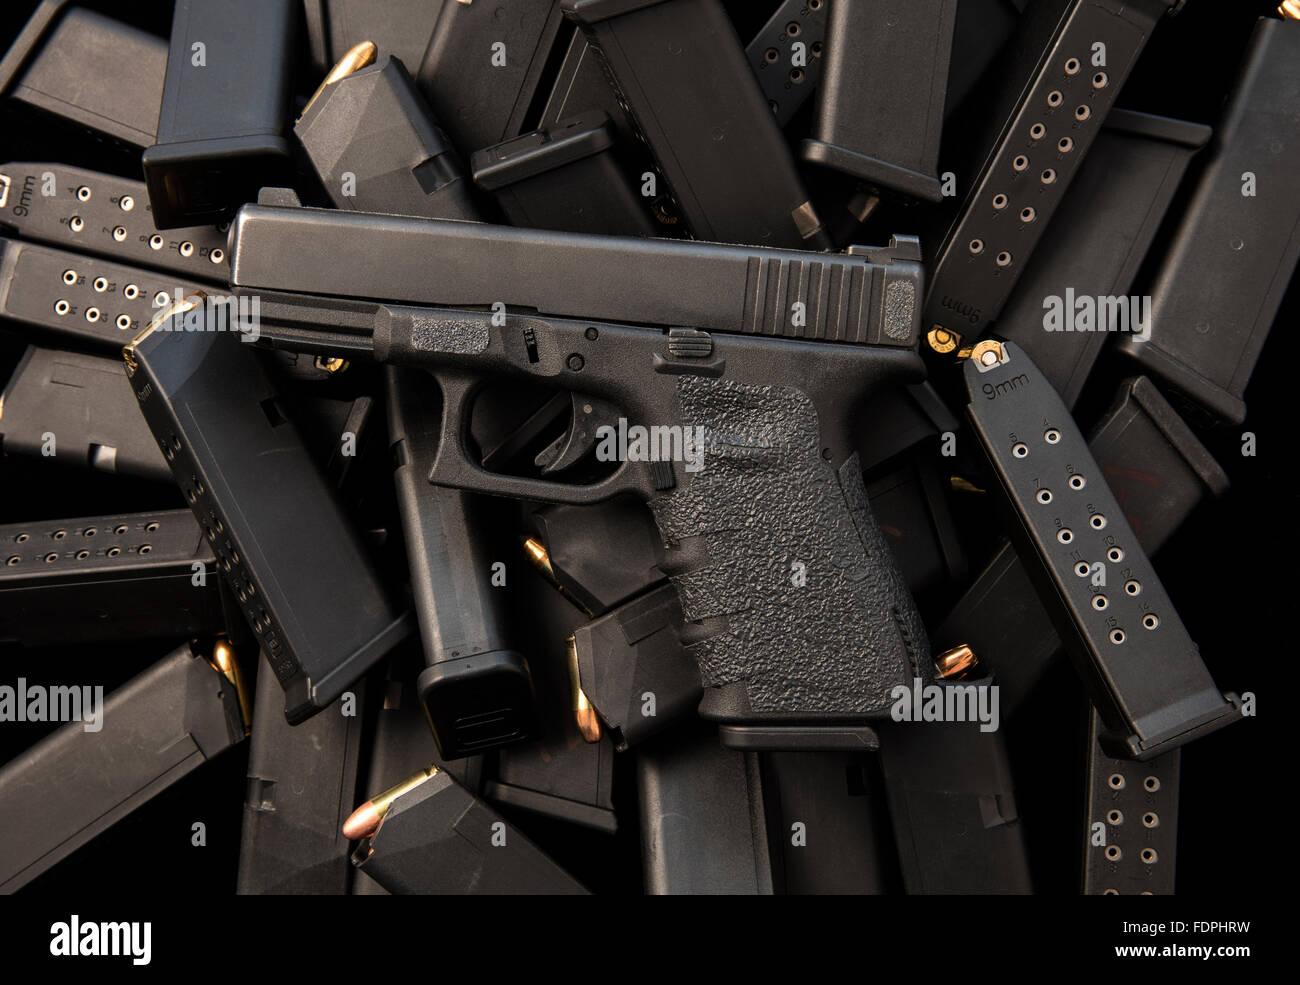 Glock 9mm halbautomatische Pistole mit hoher Kapazität Zeitschriften und Munition Stockbild